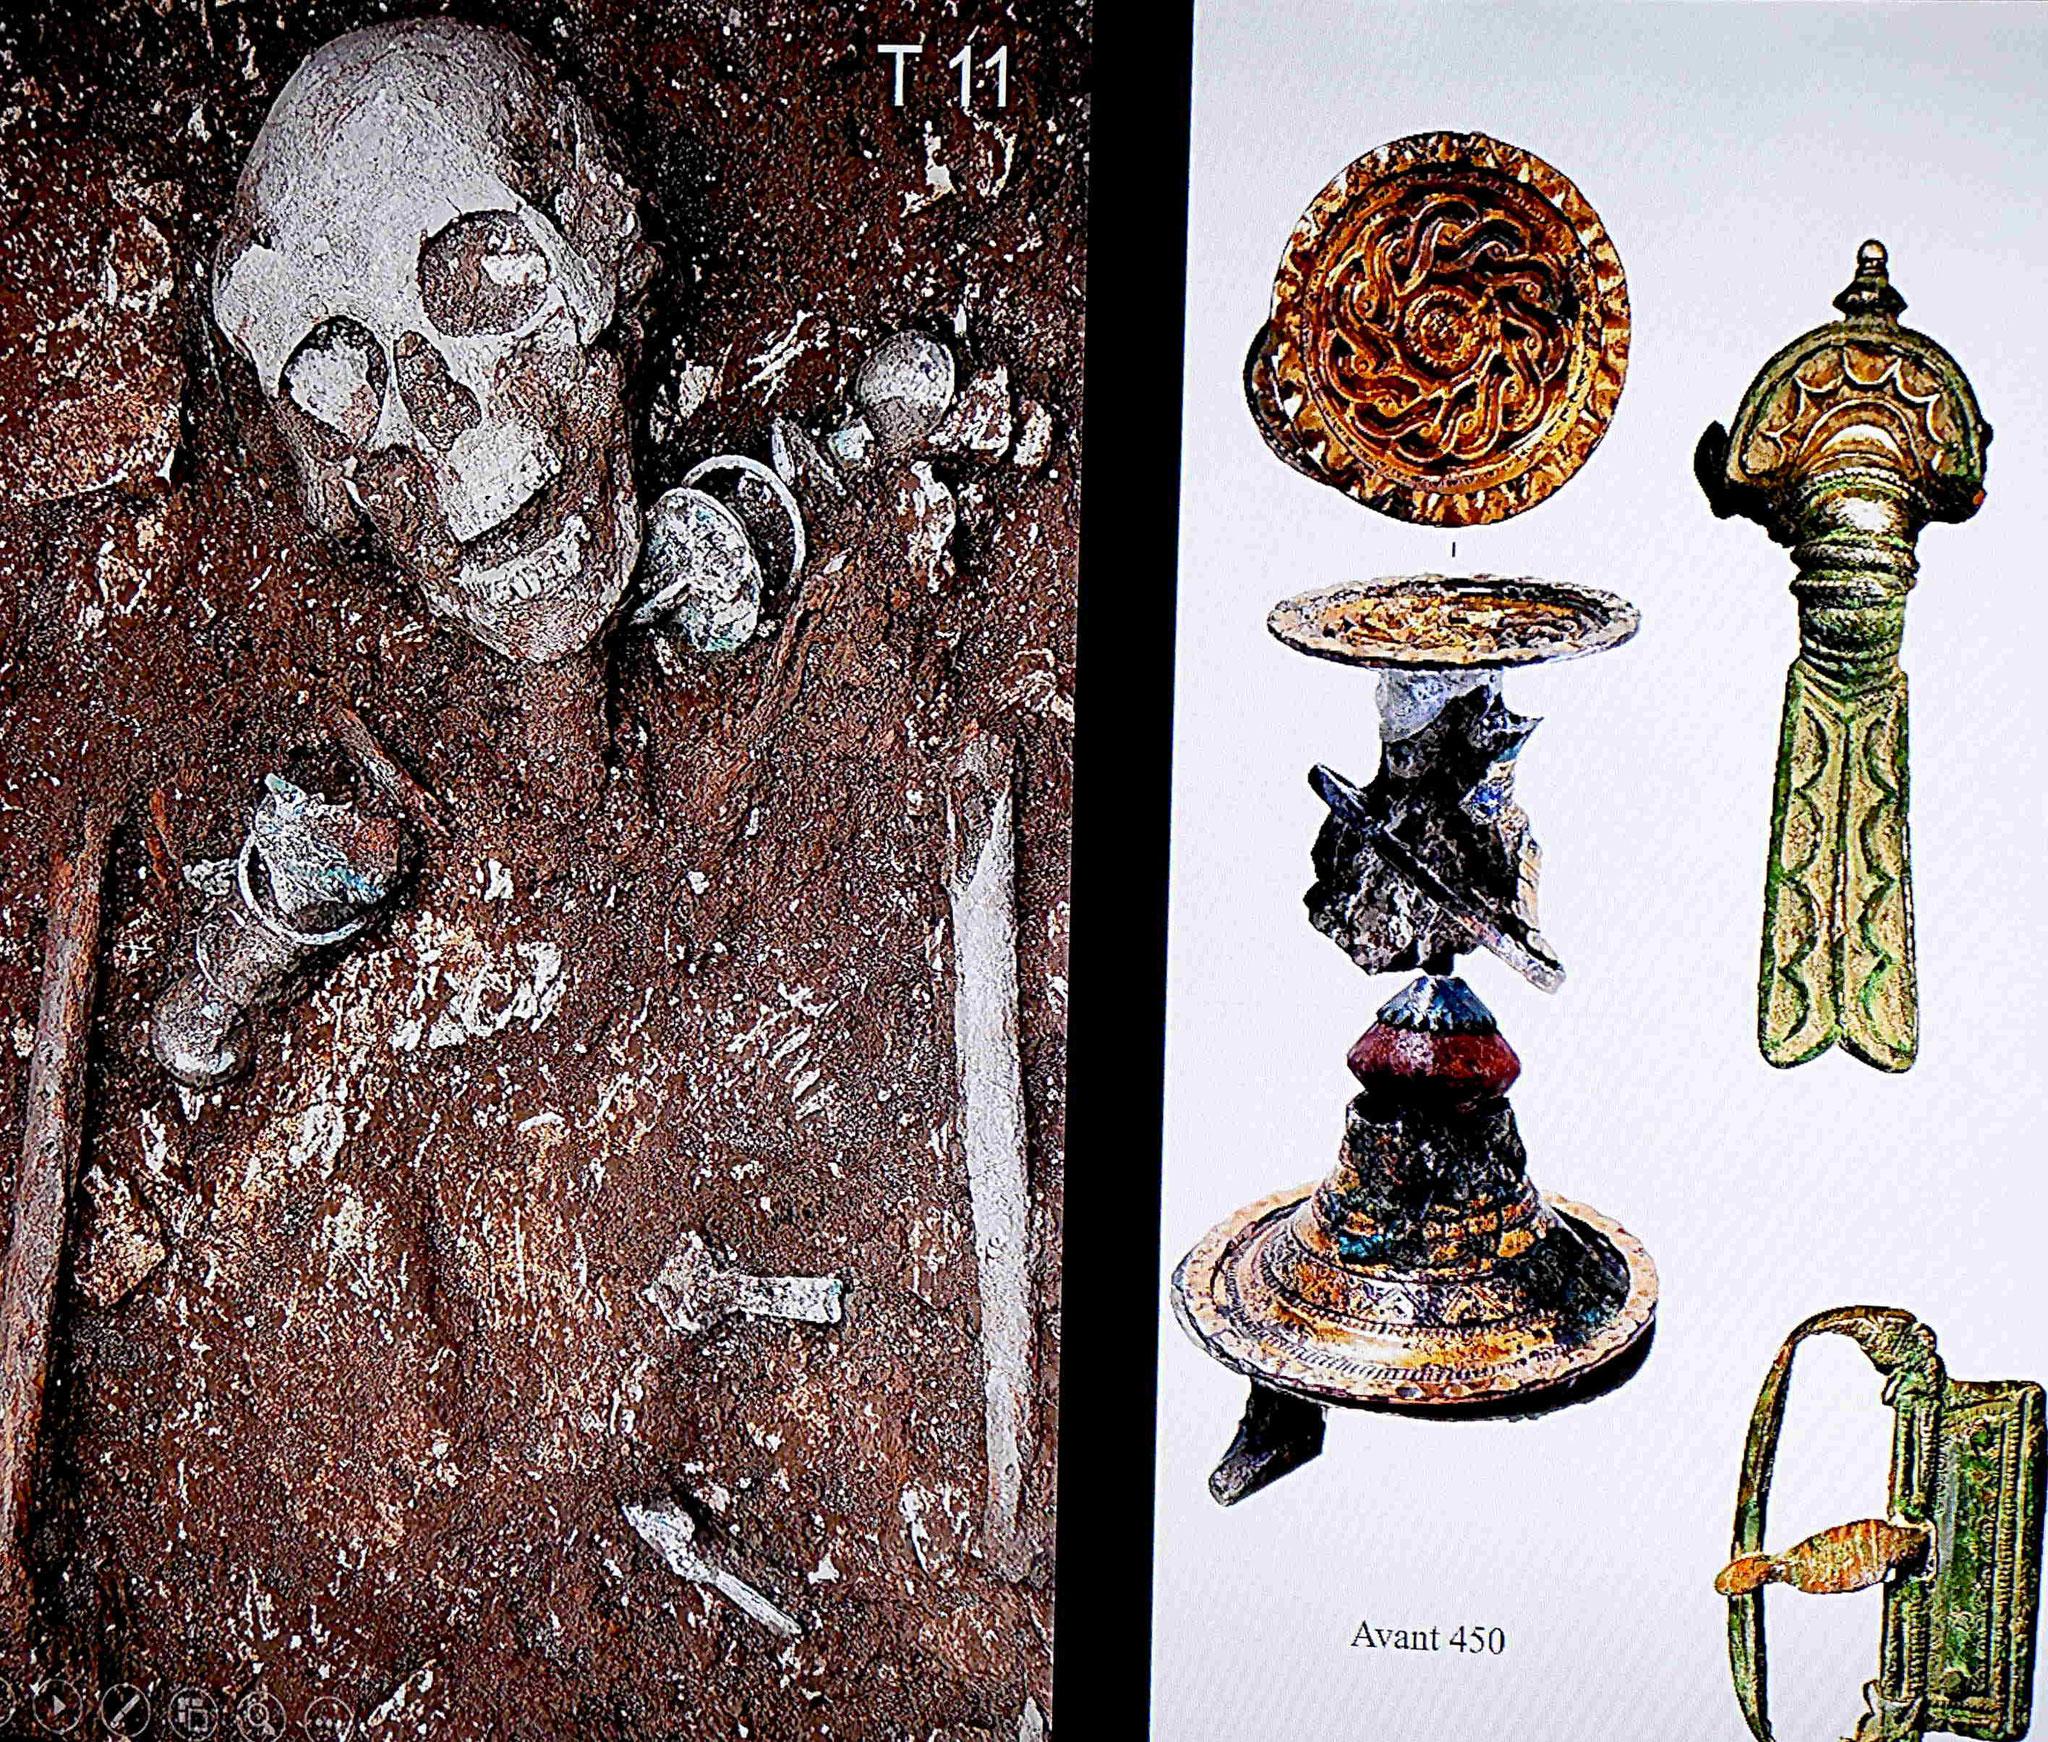 Tombe féminine avec fibules trompettes en place